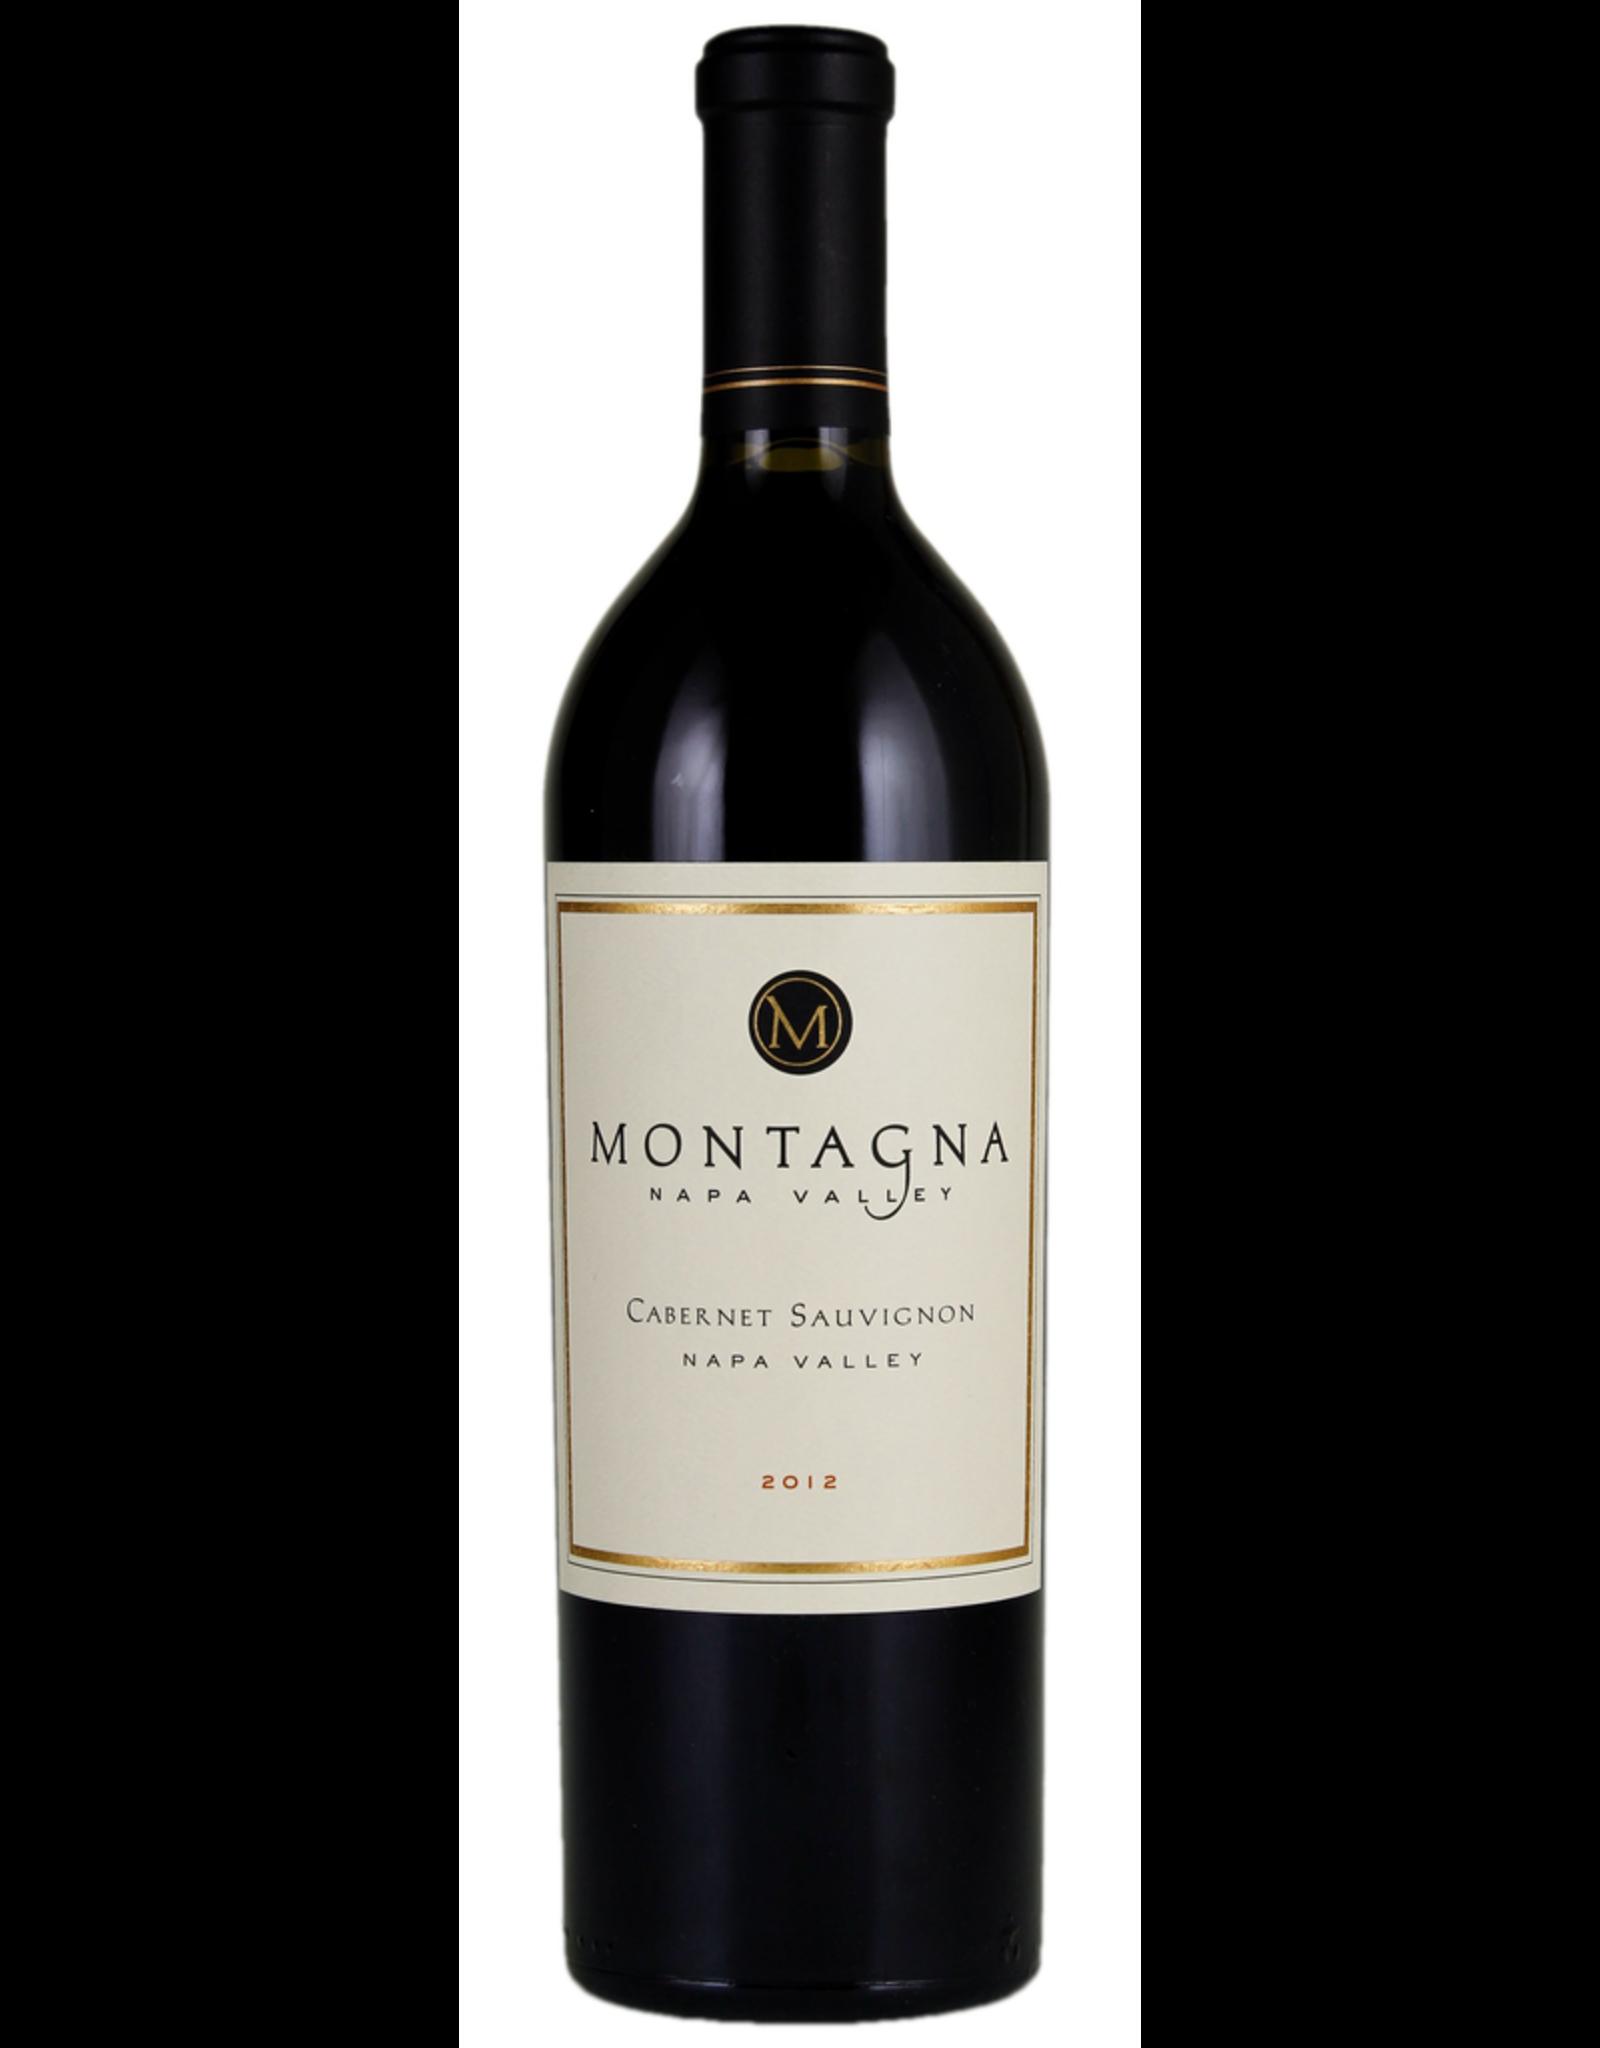 Red Wine 2012, Montagna, Cabernet Sauvignon, St. Helena, Napa Valley, California,14.9% Alc, CT94